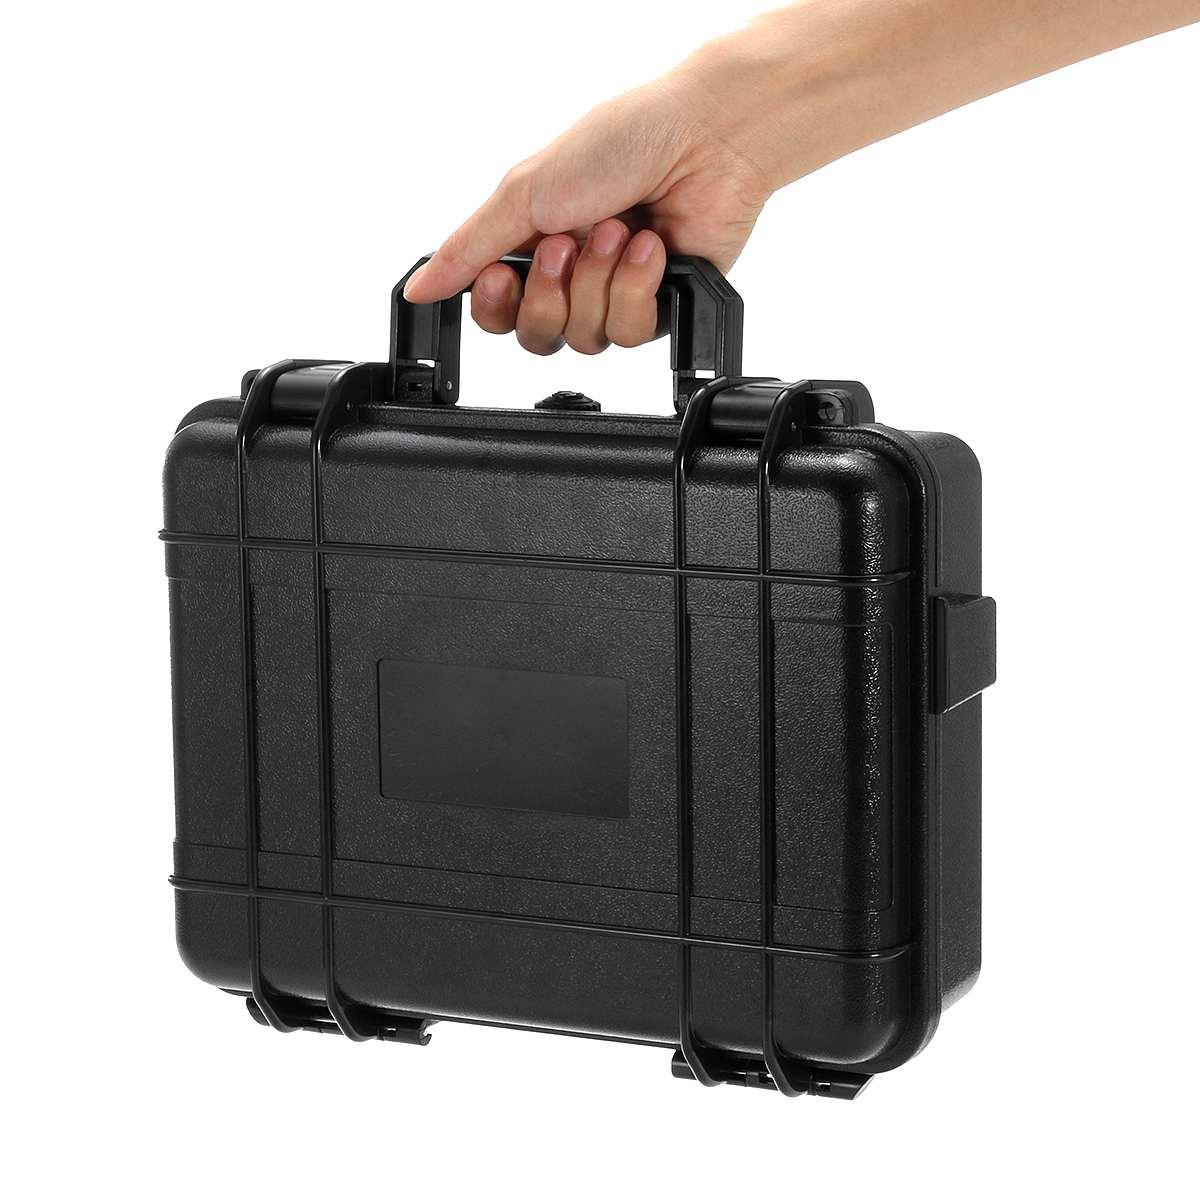 Водонепроницаемый Жесткий Чехол для инструментов, 3 размера, пластиковый ящик для инструментов, защитный ящик для хранения, черный Переносн